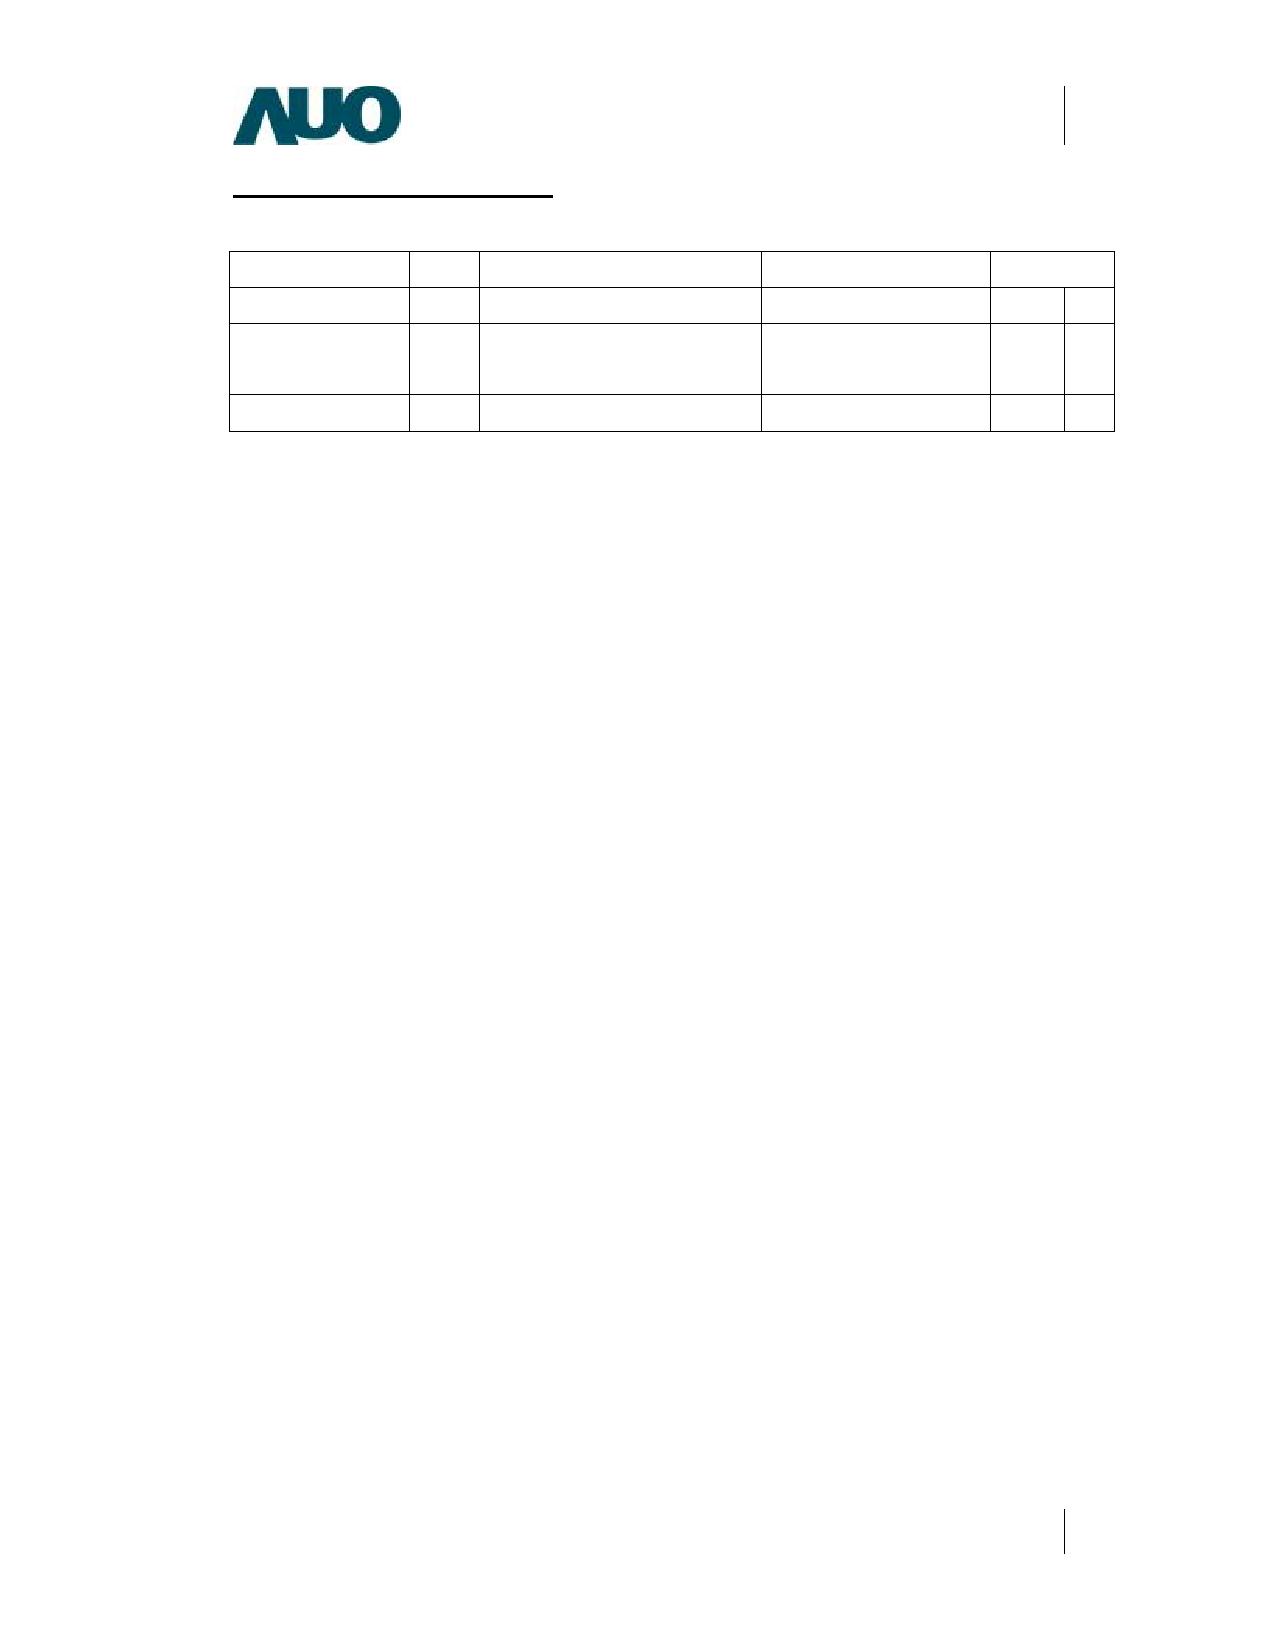 G084SN03-V2 pdf, ピン配列